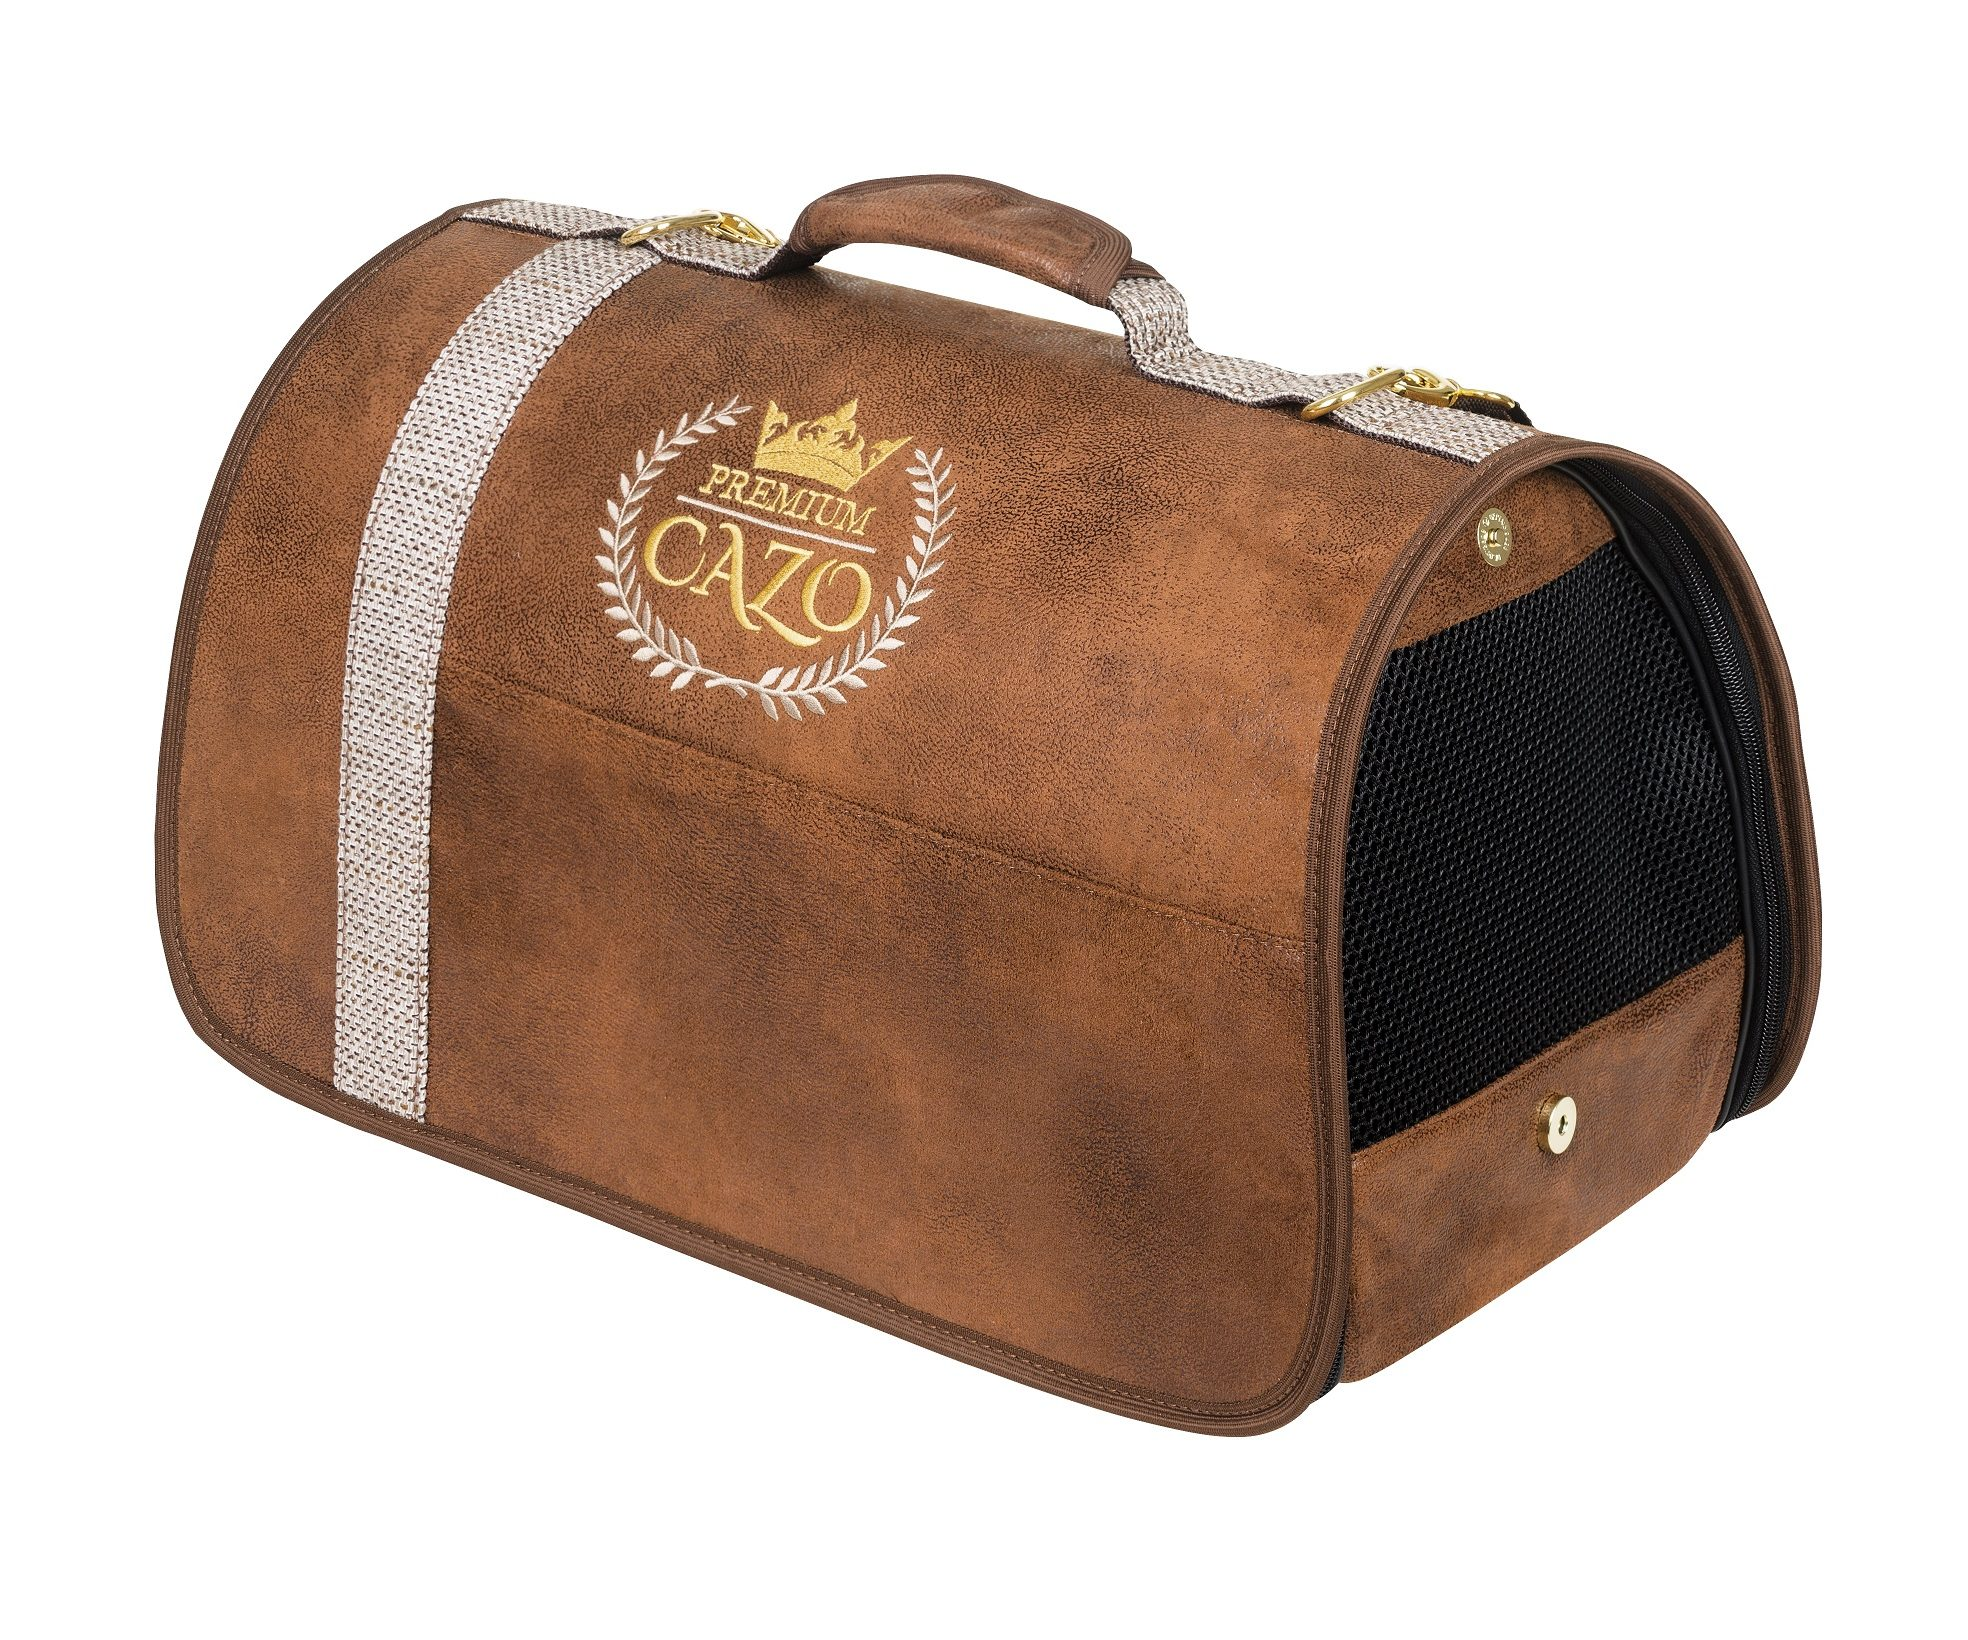 Transportná taška Cazo Premium, spĺňavšetky náročné kritéria potrebné pre pohodlie pri transporte vášho domáceho maznáčika, ktorými sú bezpečnosť, kvalita, prievzdušnosť, komfort, moderný dizajn, originalita a jednoduchosť v údržbe.